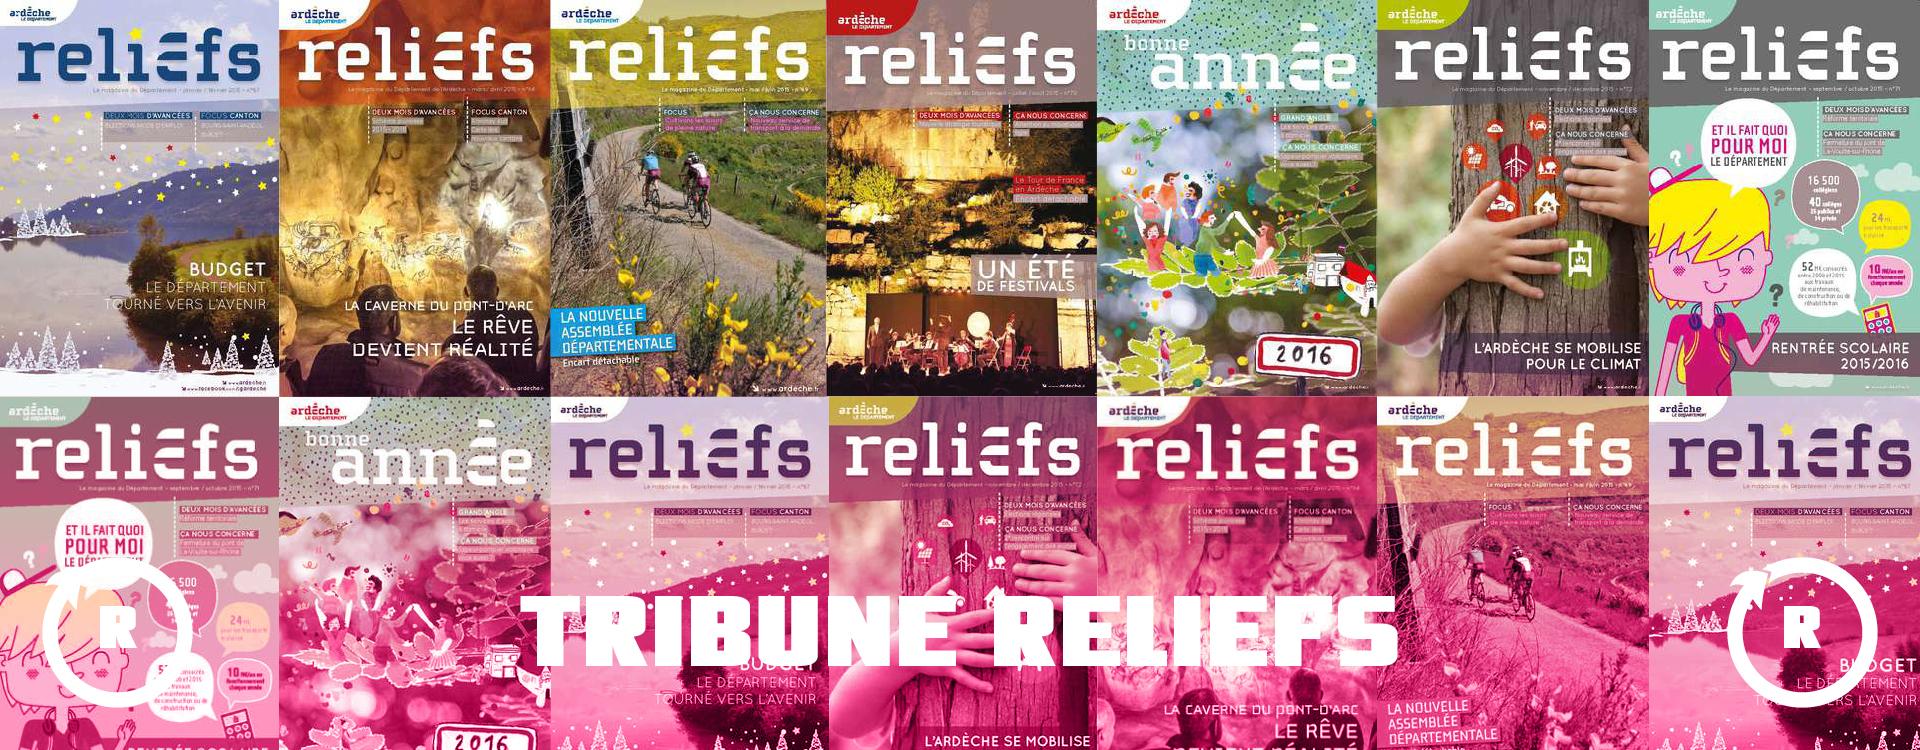 Tribune Libres Propos Groupe Majorité  – Reliefs n°95 – Septembre/Octobre/Novembre 2019